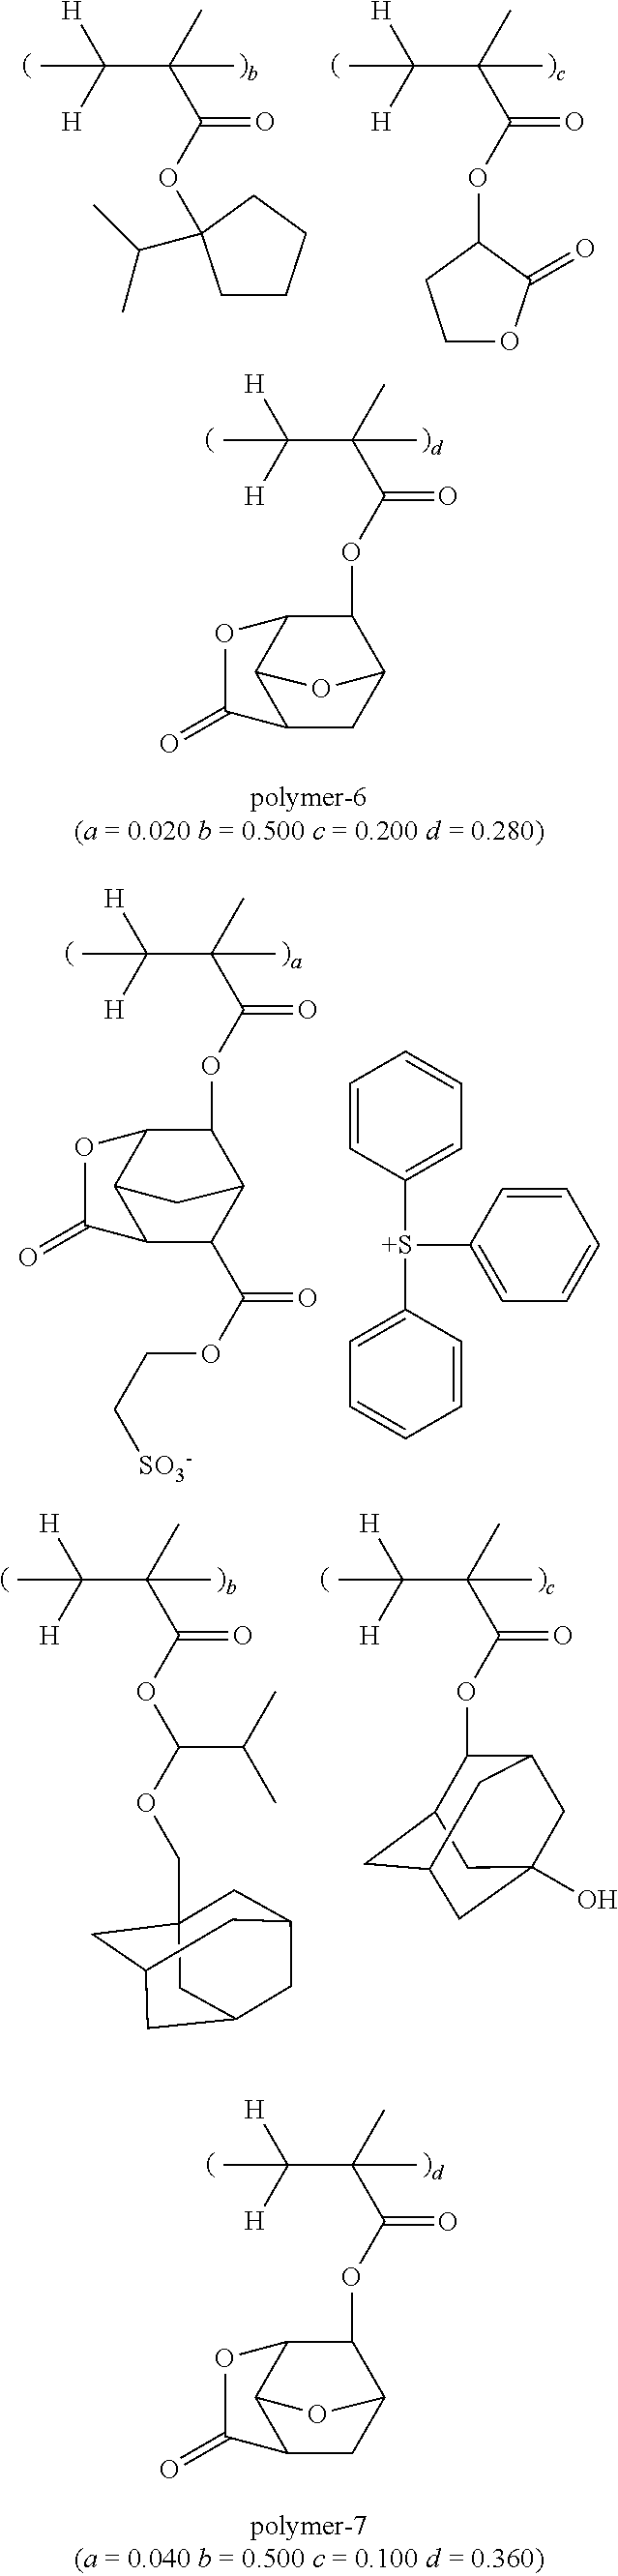 Figure US08900793-20141202-C00076